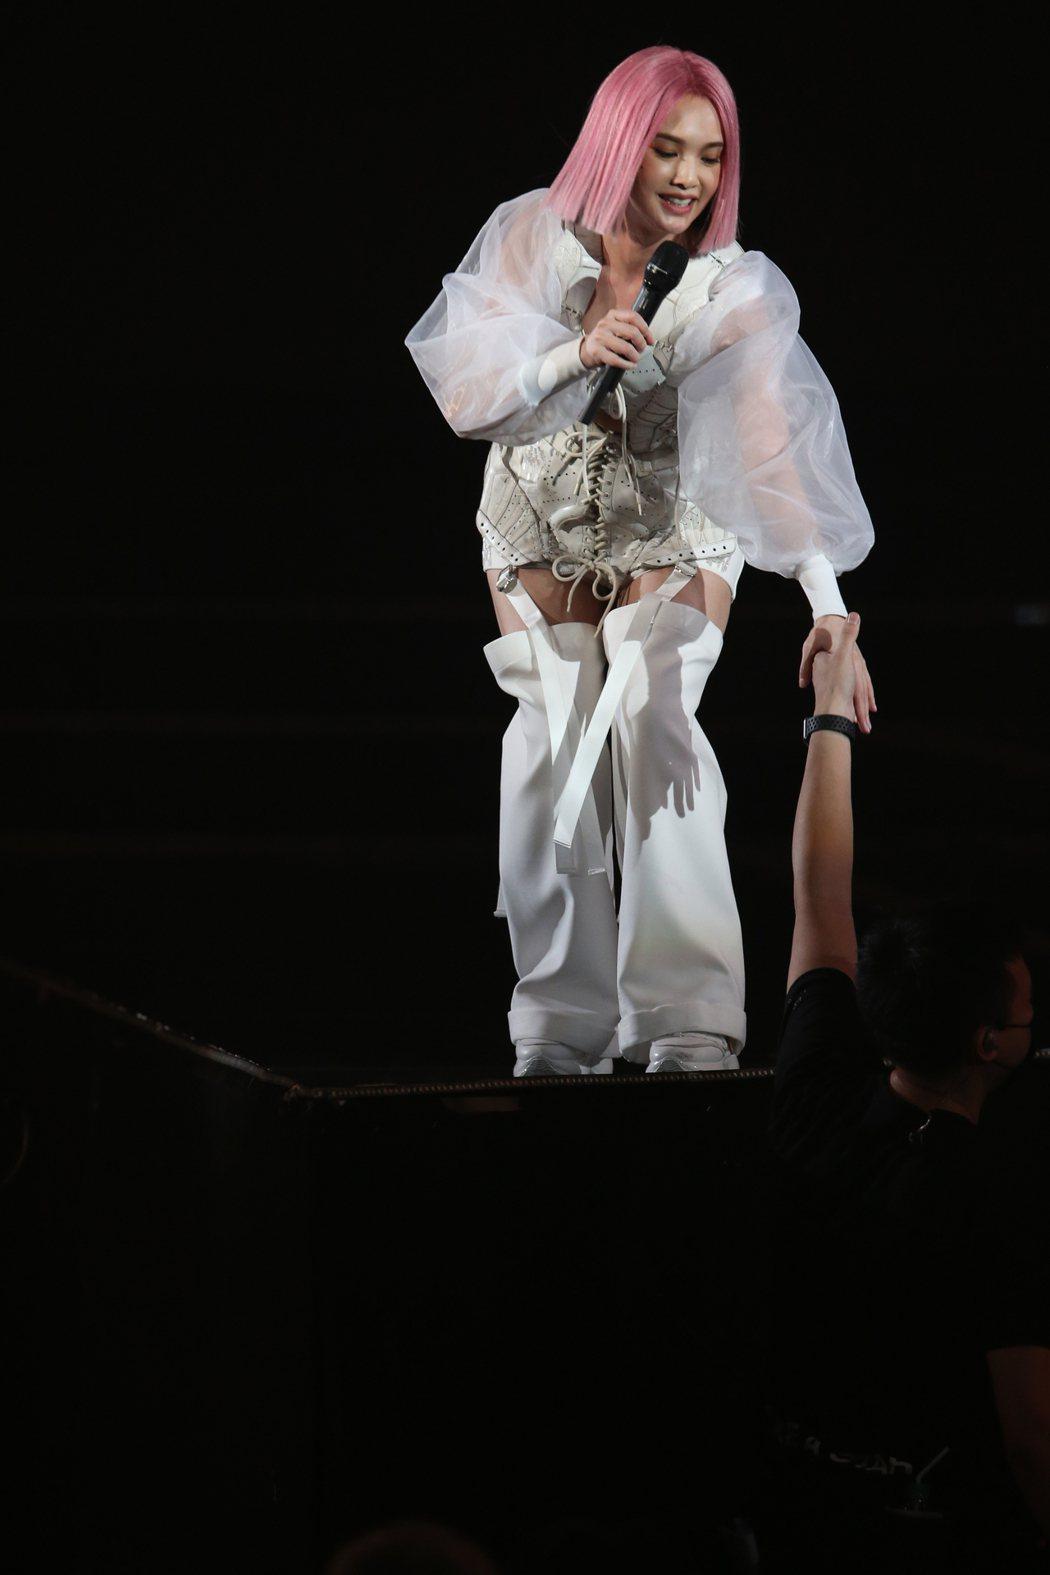 楊丞琳首場演唱會一開場就發生墜樓意外。記者許正宏/攝影